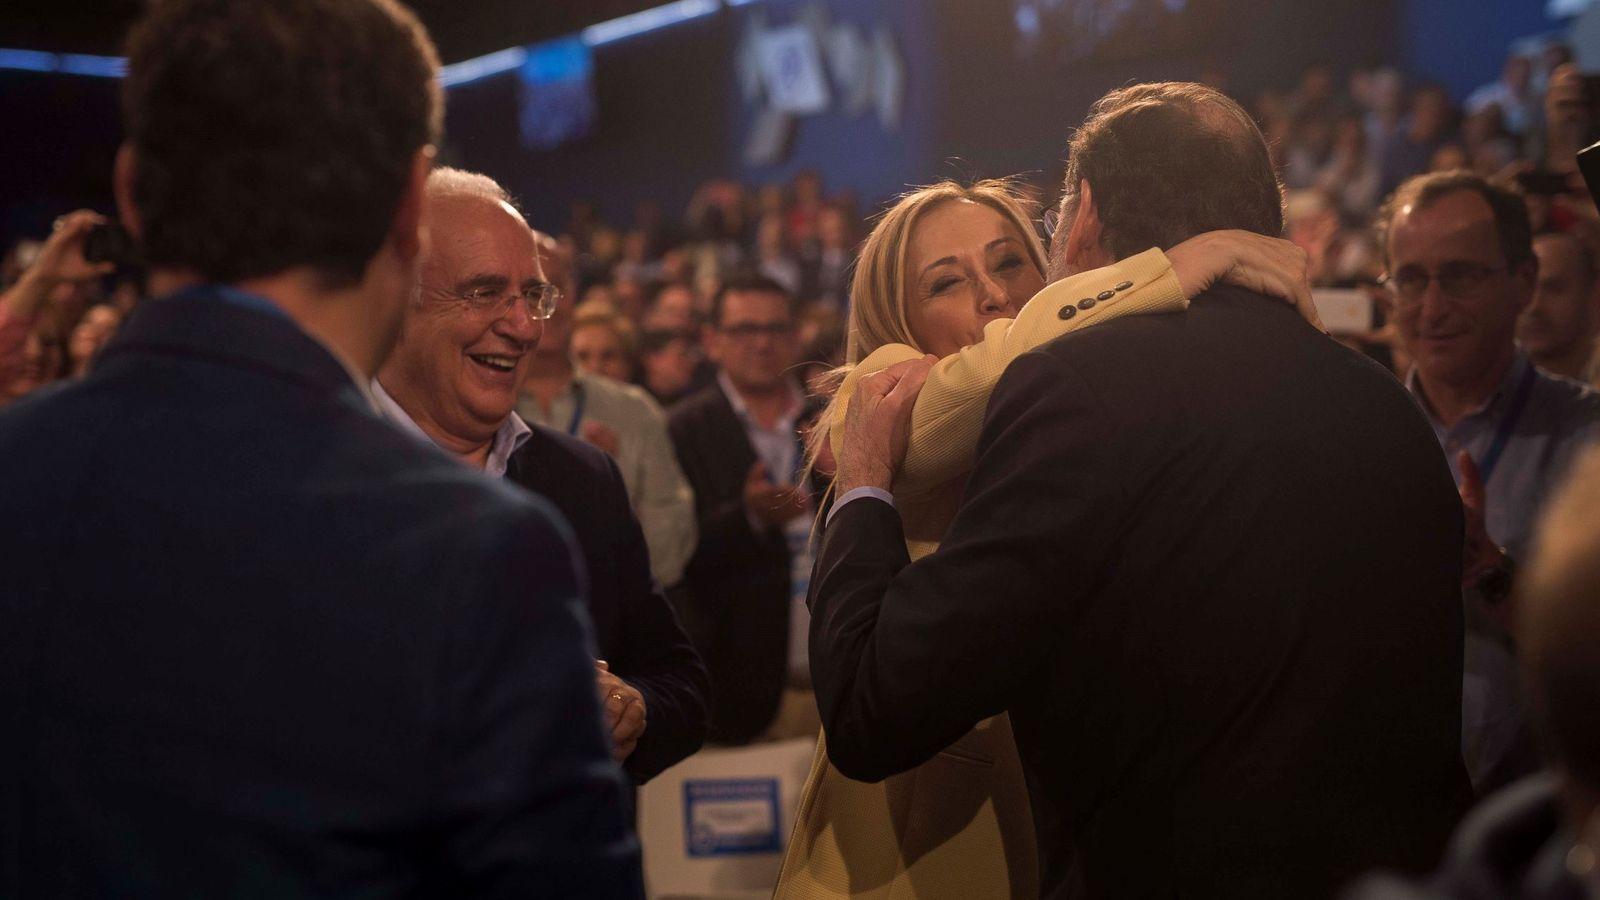 Foto: El presidente del Gobierno, Mariano Rajoy (d), saluda a la entonces presidenta de la Comunidad de Madrid, Cristina Cifuentes, a su llegada a la convención nacional. (EFE)